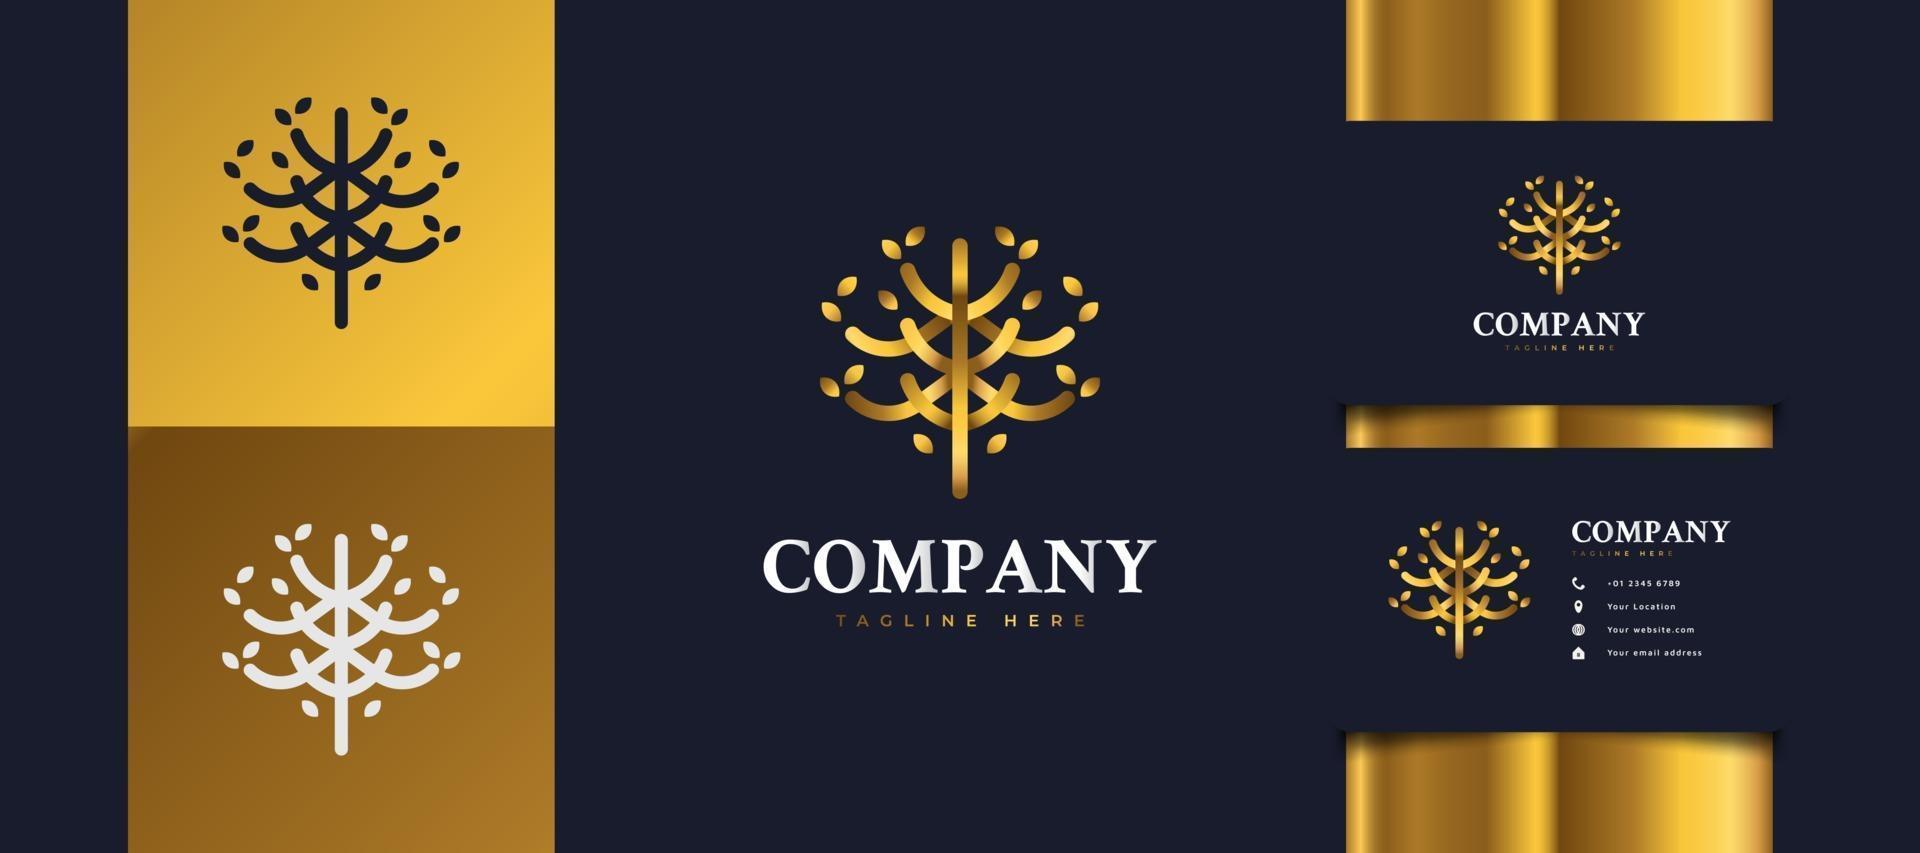 logo d'arbre d'or de luxe avec feuillage, adapté aux logos d'hôtels, de spas, de centres de villégiature ou d'immobilier vecteur